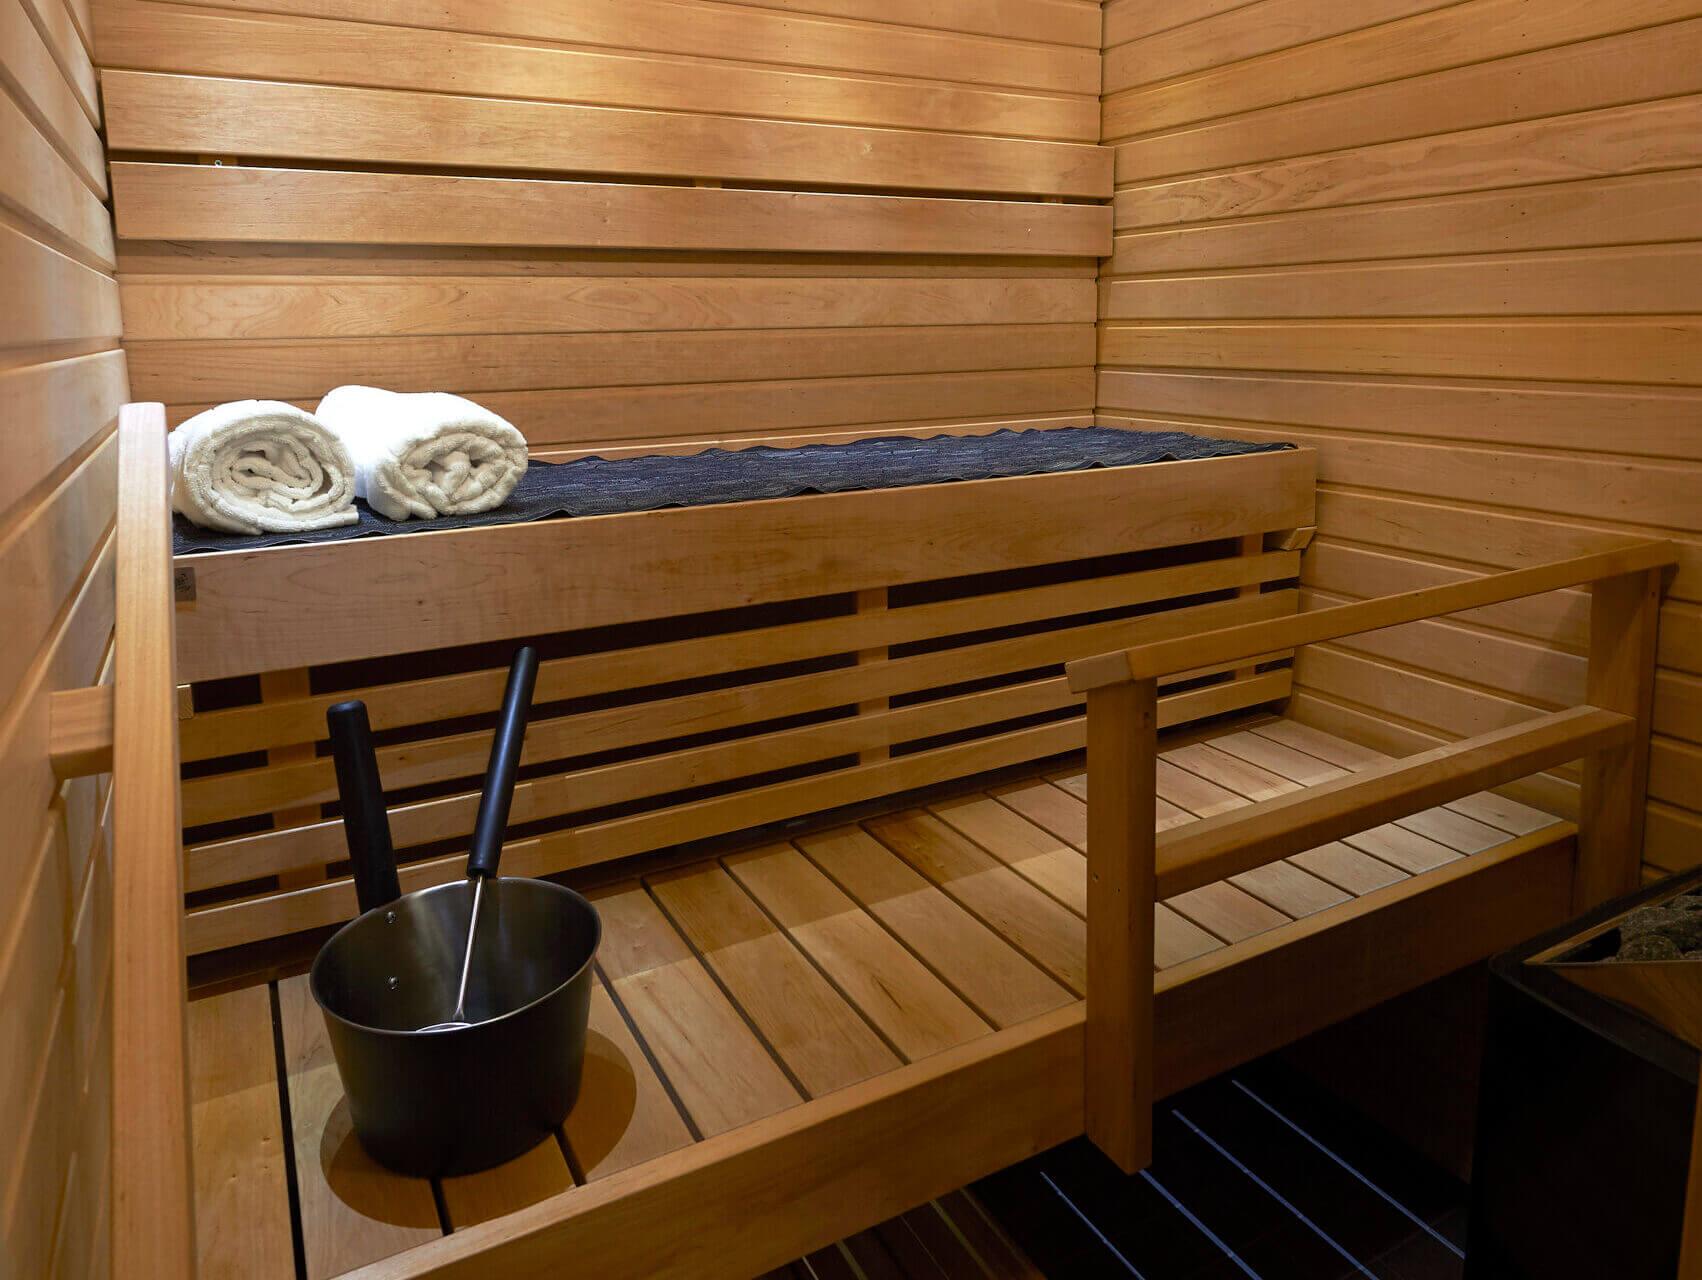 Elegant, kotimaiset saunan lauteet mittatilaustyönä.